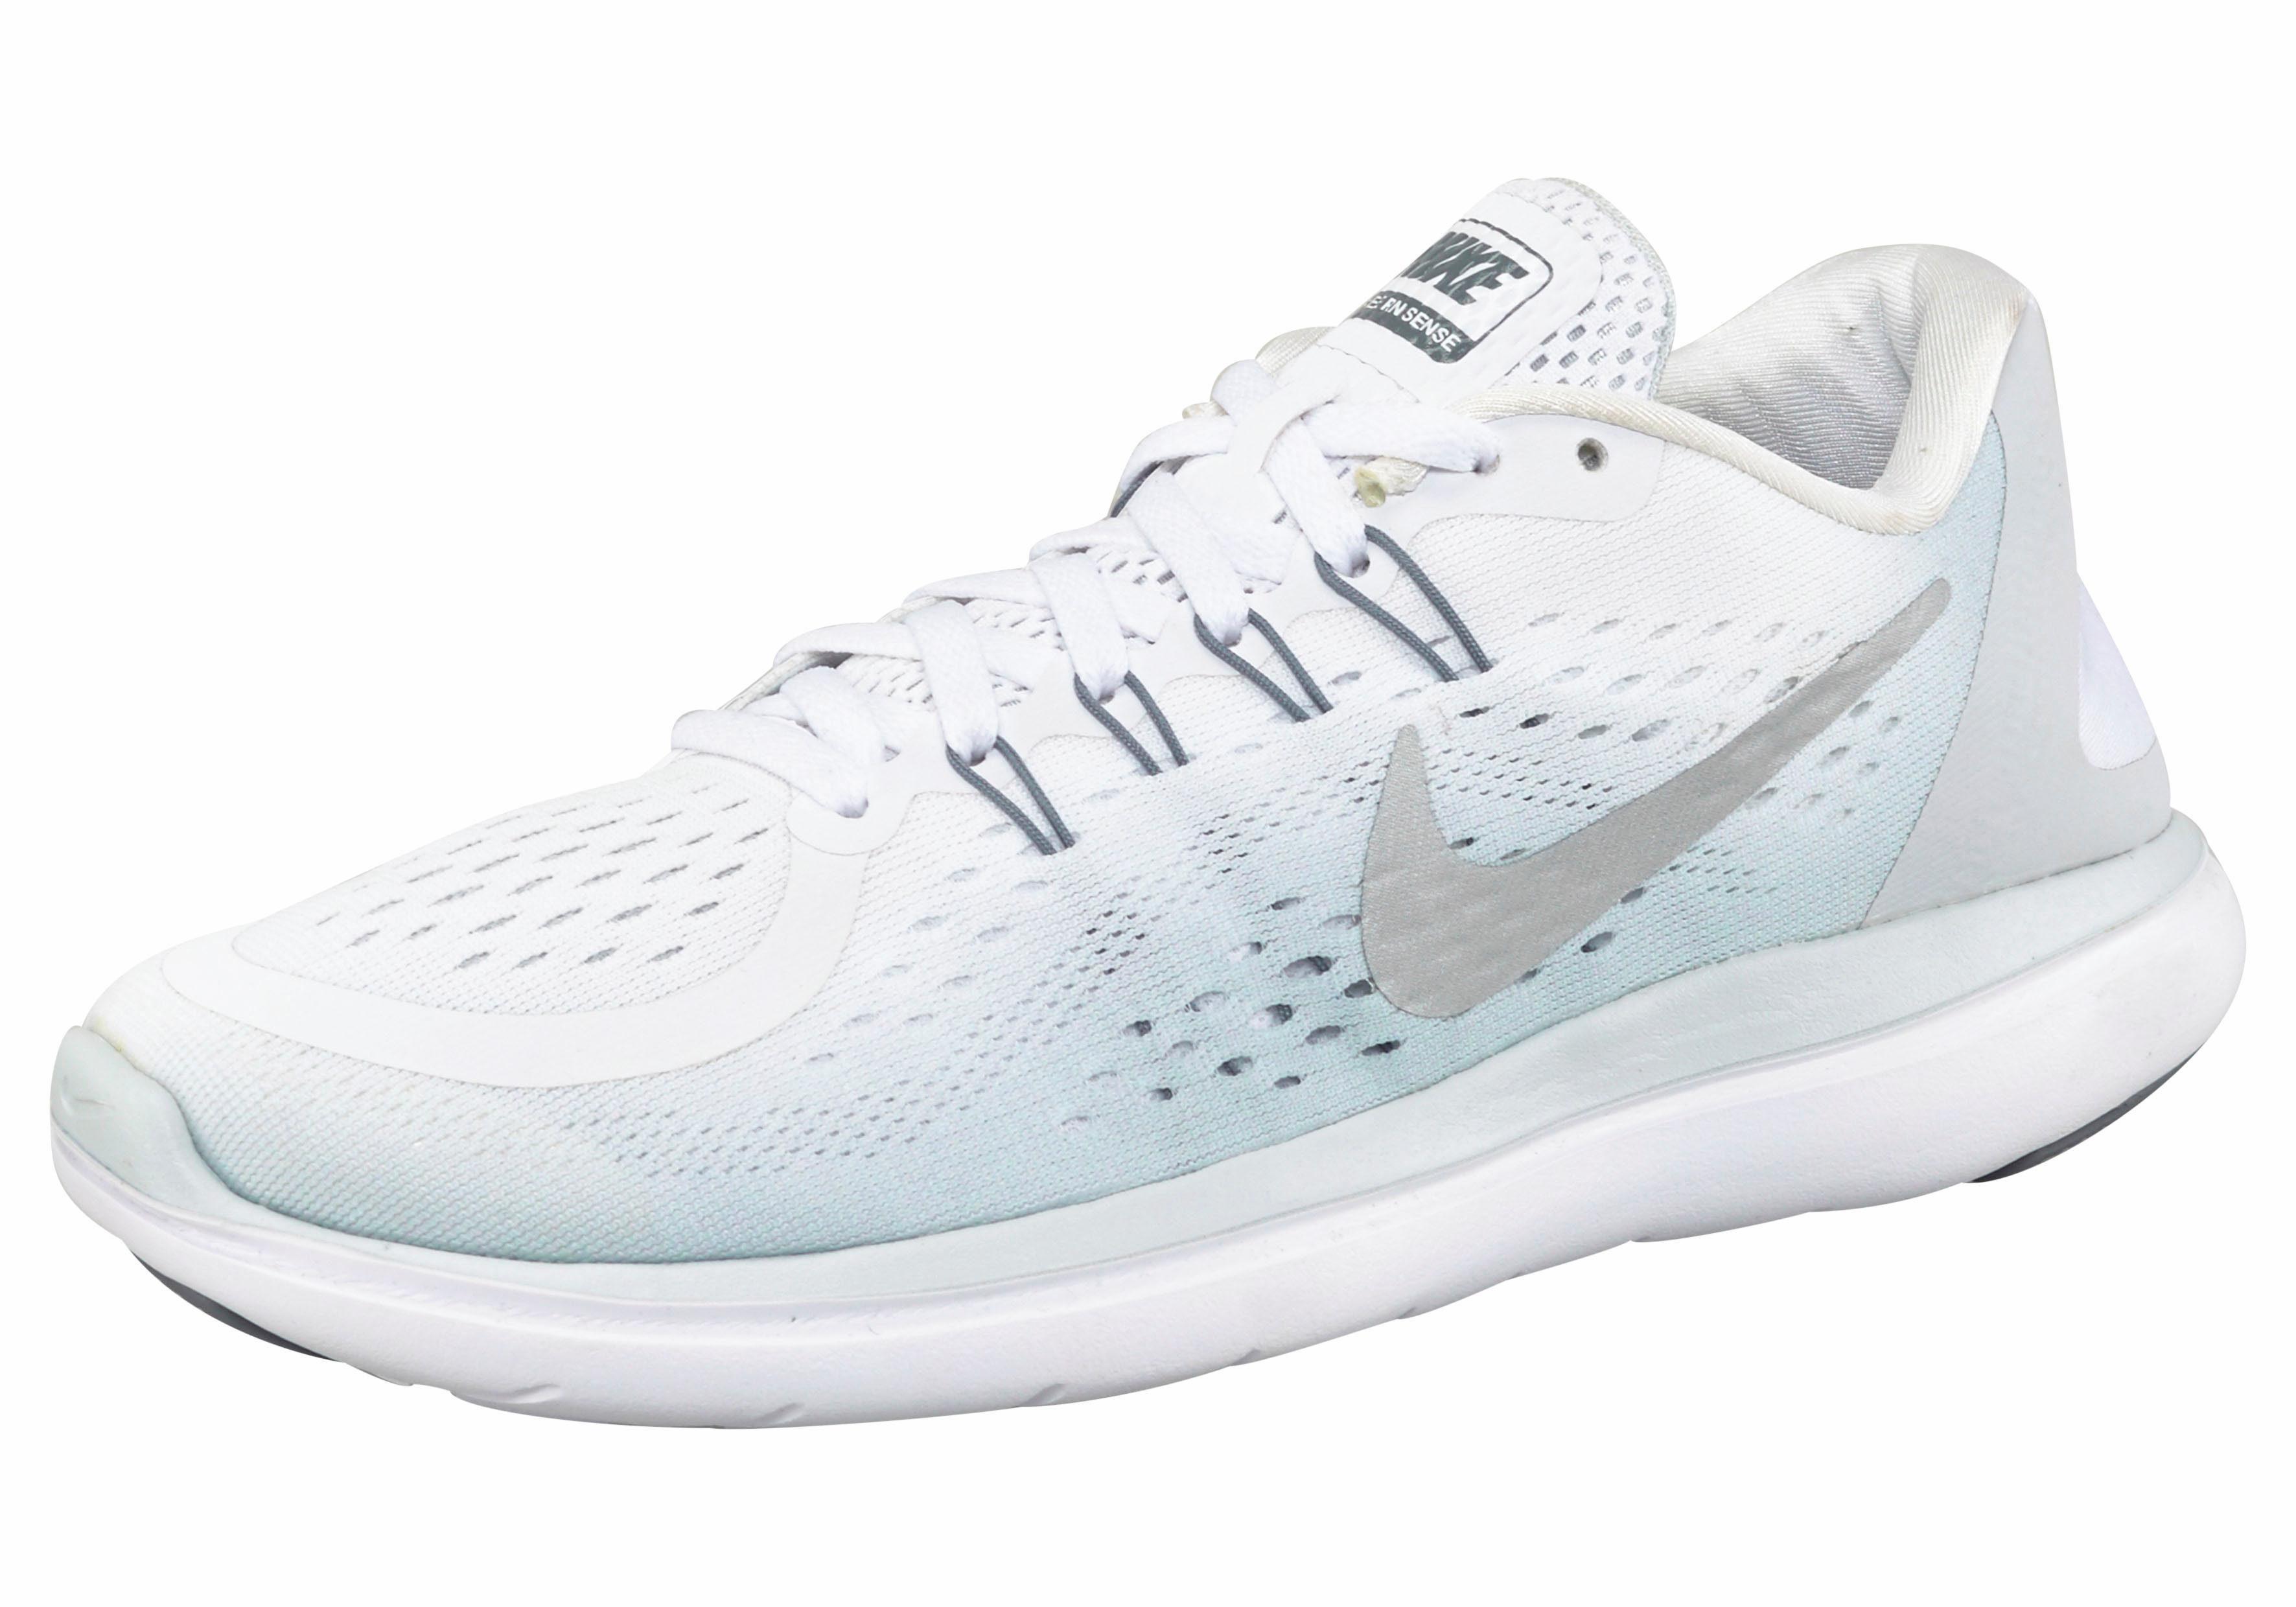 Nike Wmns Flex Run 2017 Laufschuh online kaufen  weiß-grau